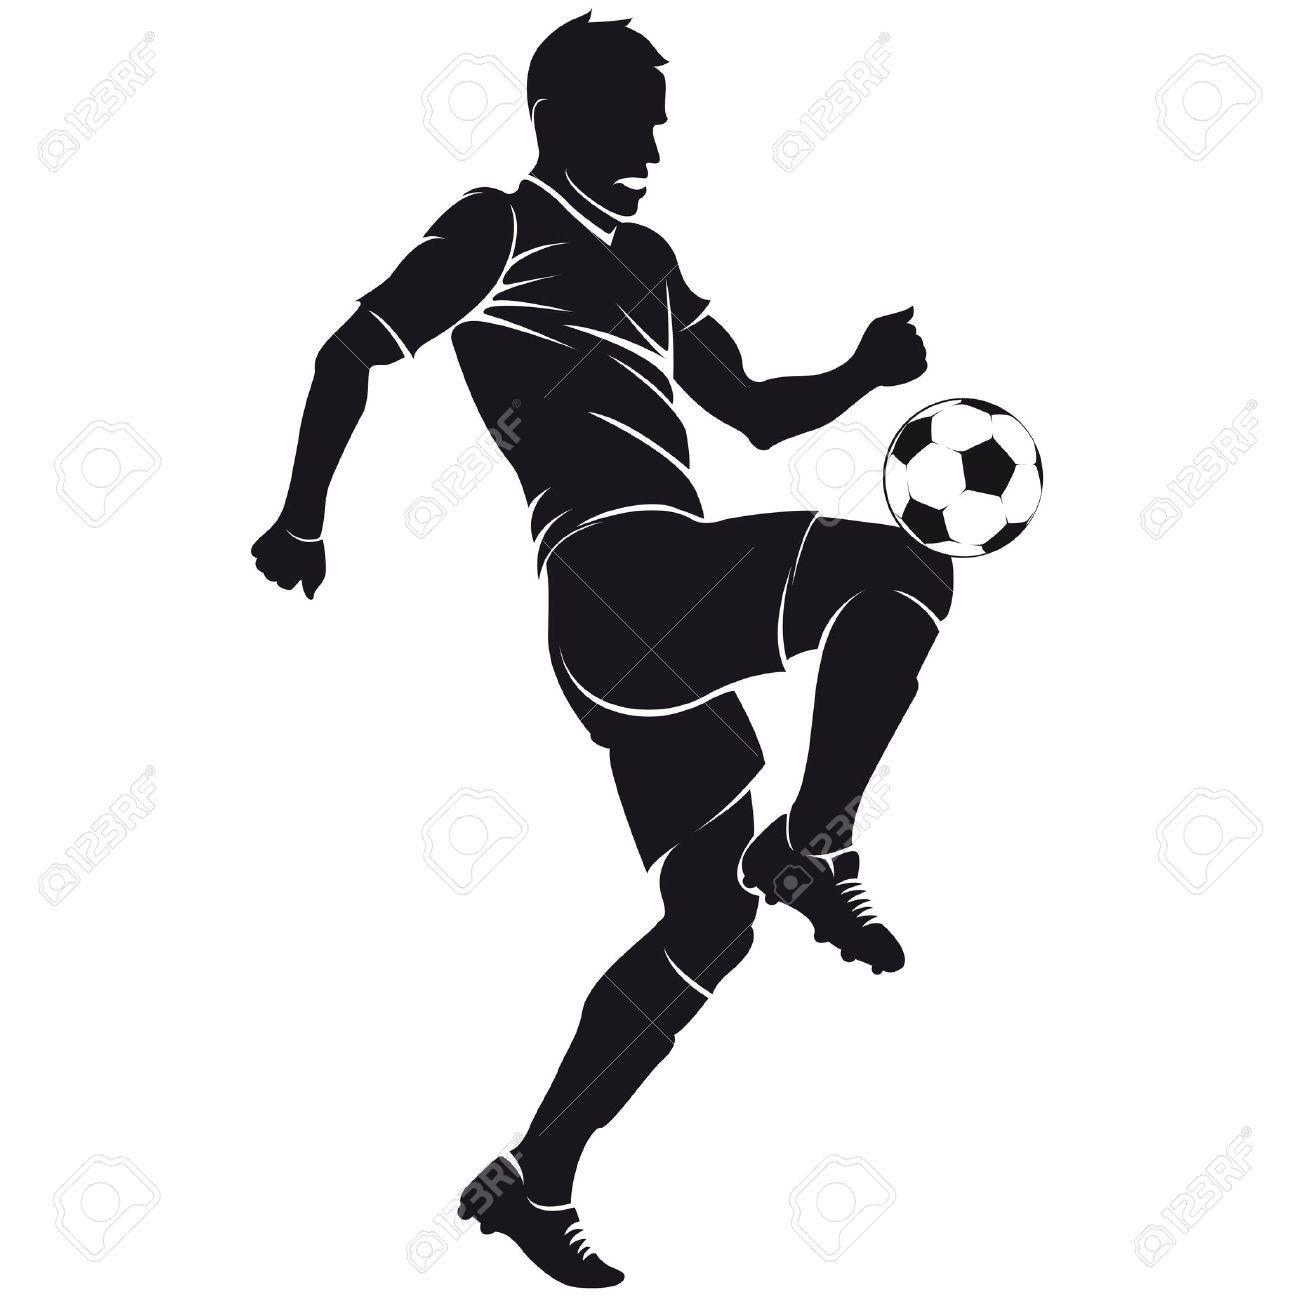 Siluetas De Futbol Buscar Con Google Soccer Art Soccer Players Football Soccer